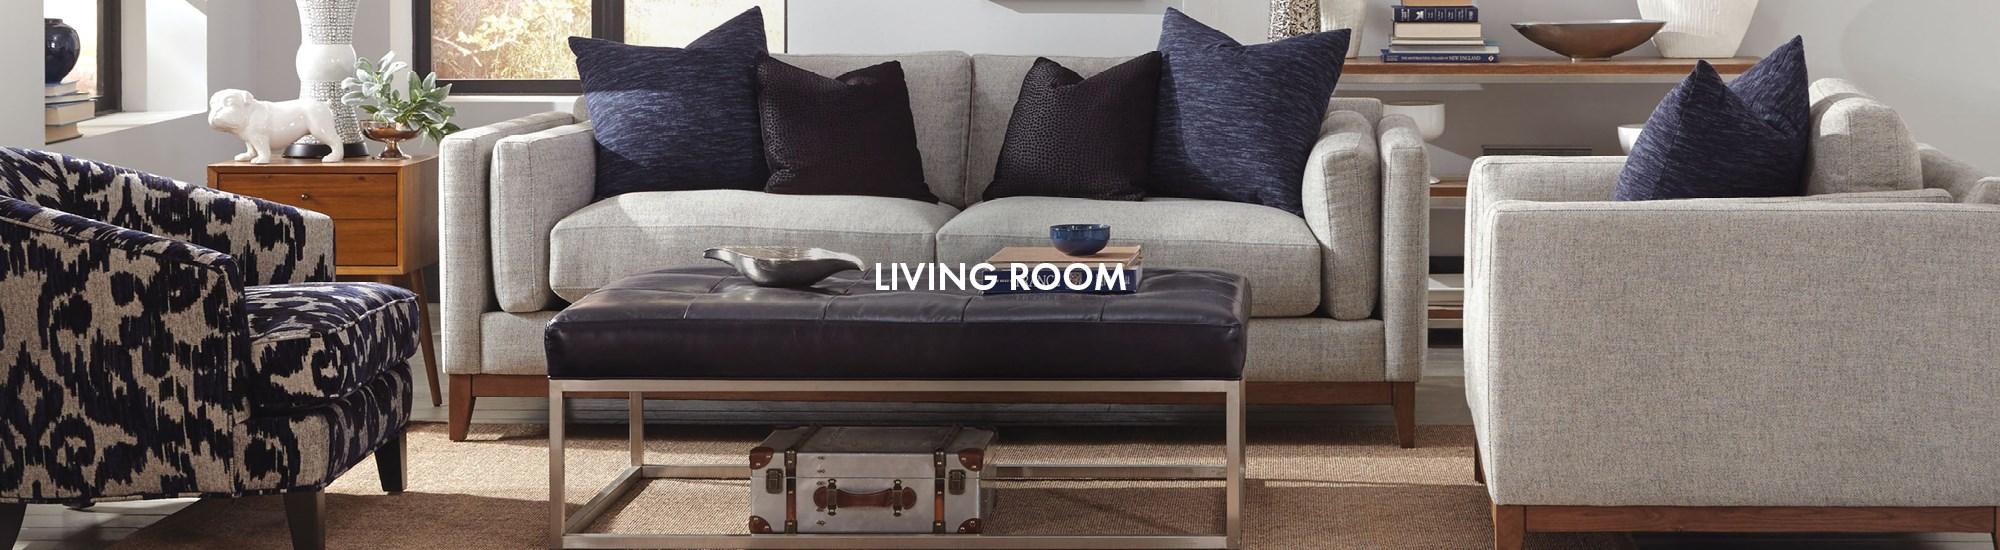 Shop Living Room  Hawaii, Oahu, Hilo, Kona, Maui  HomeWorld